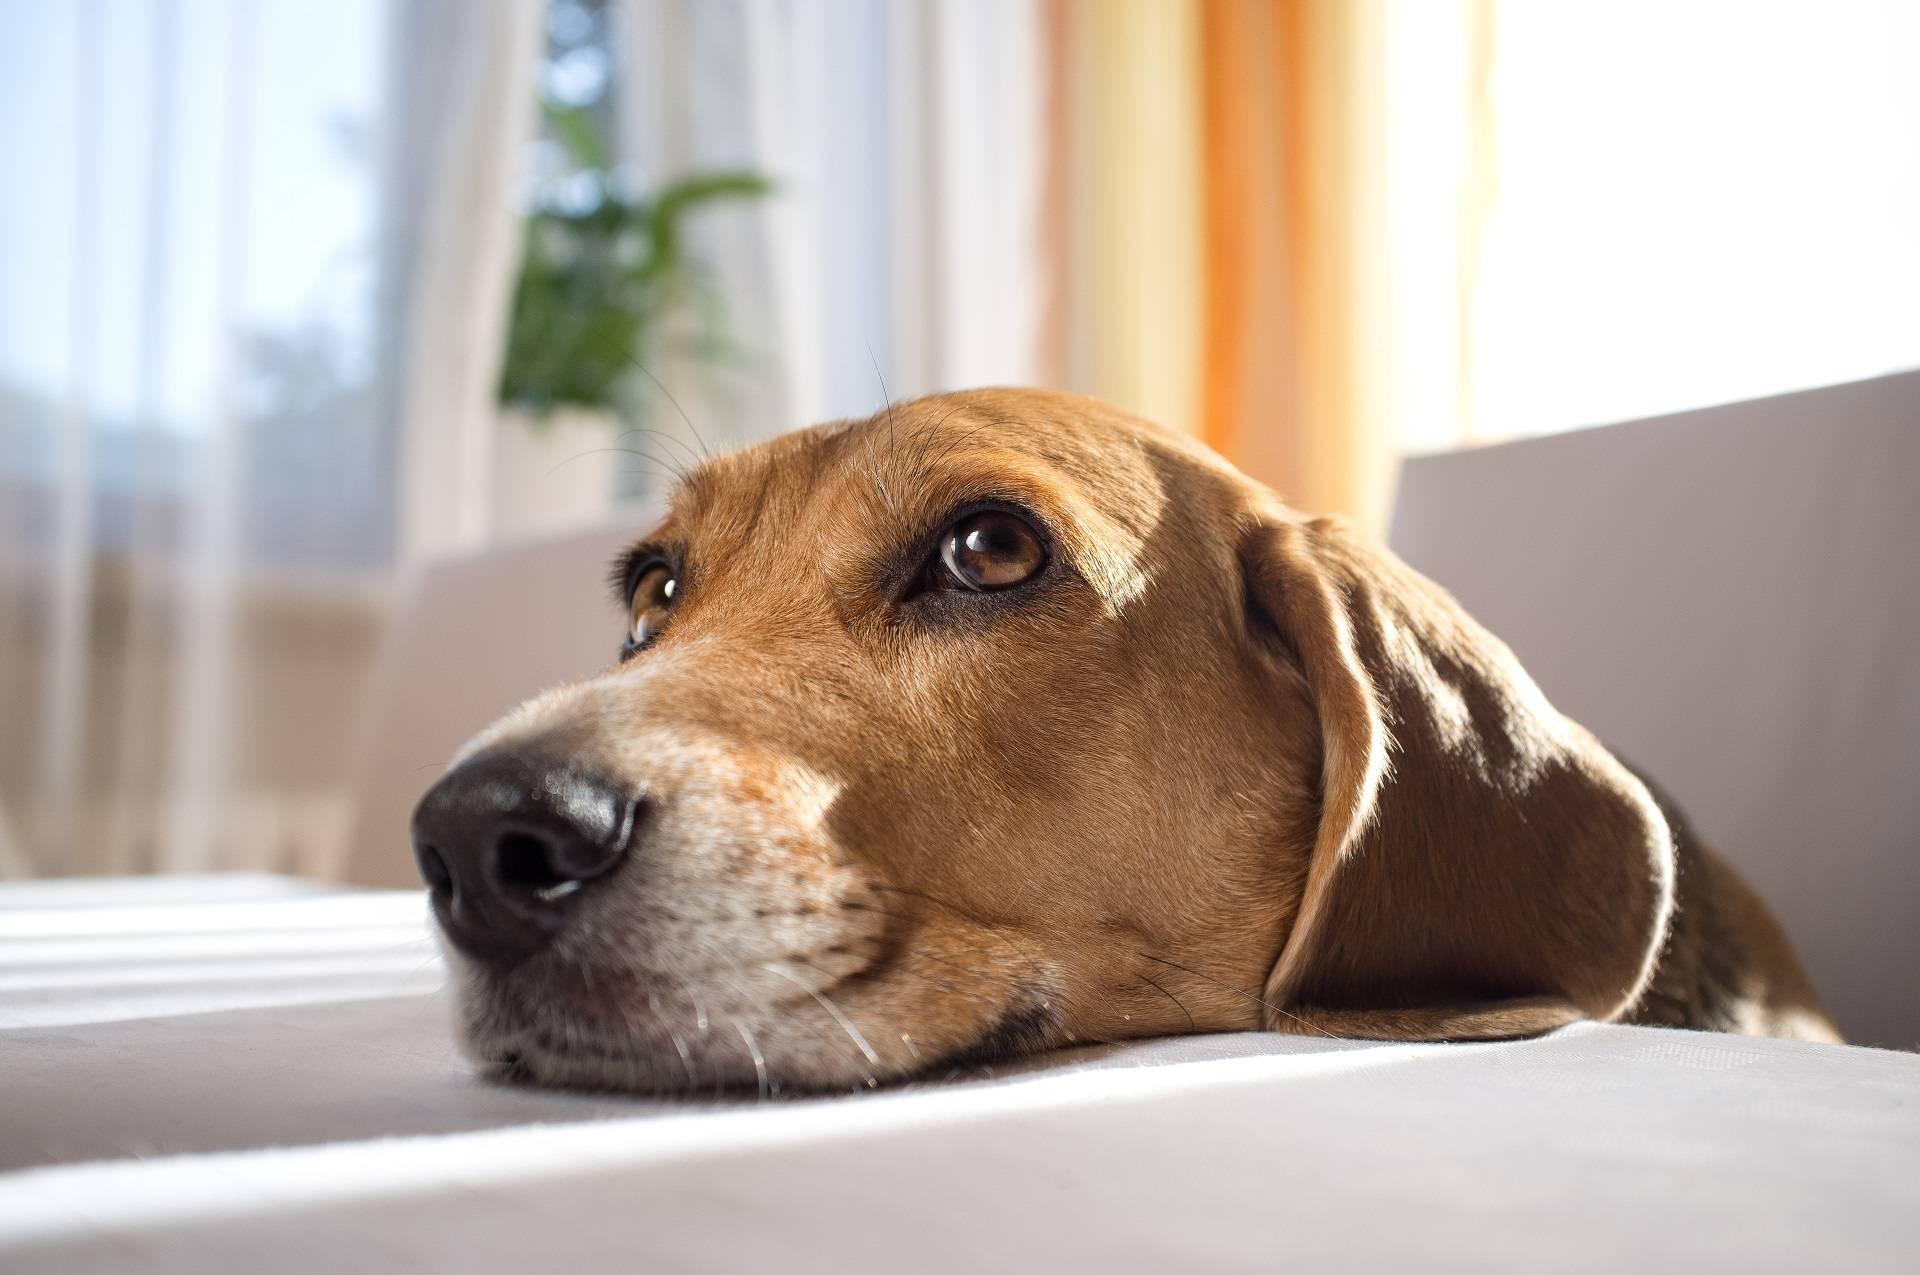 Страсти собачьи: почему собаки наклоняют голову, когда слушают людей